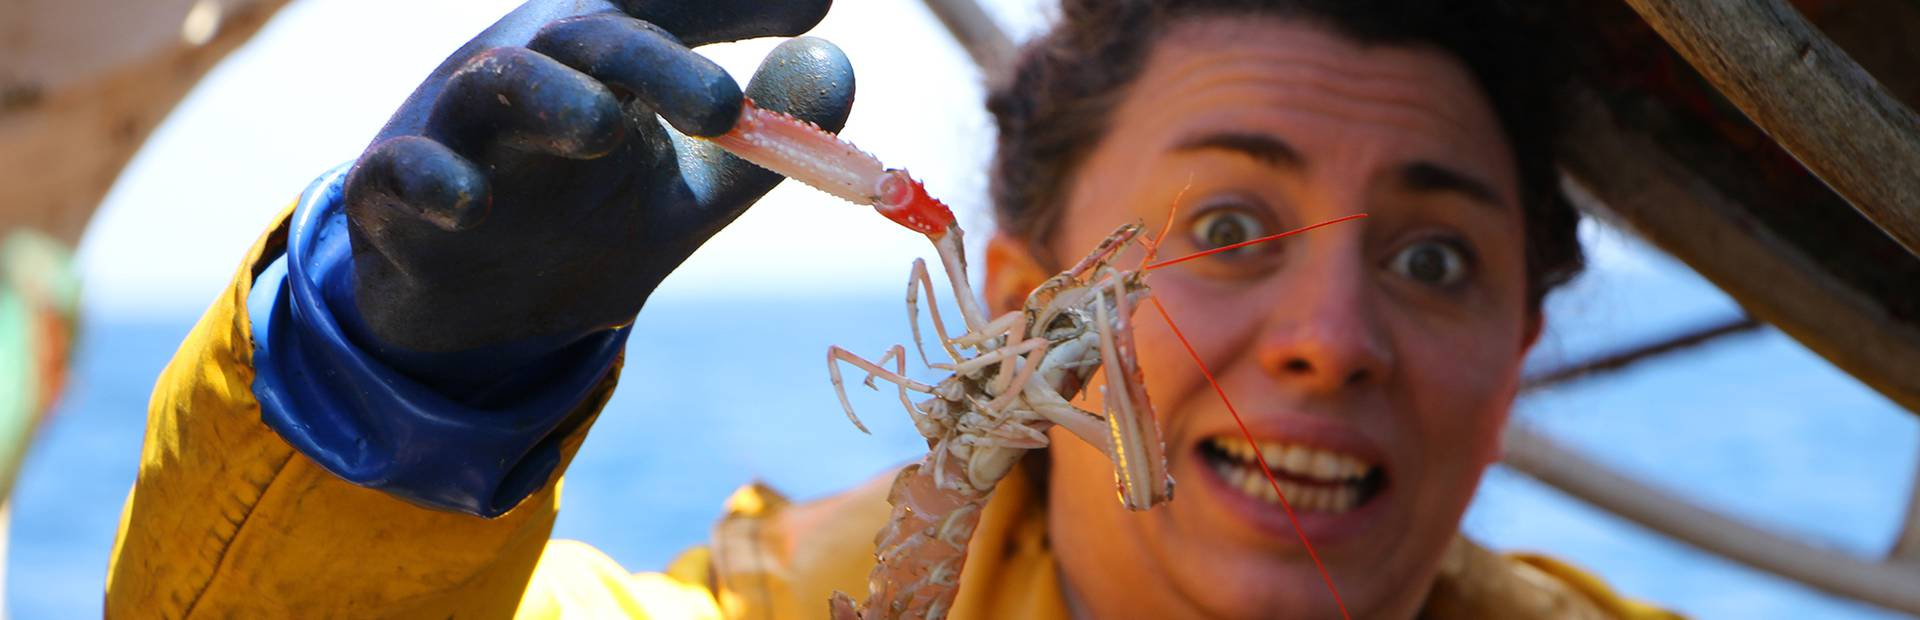 Marlène testet für Sie den Fang des Kaisergranats © M Pimentel